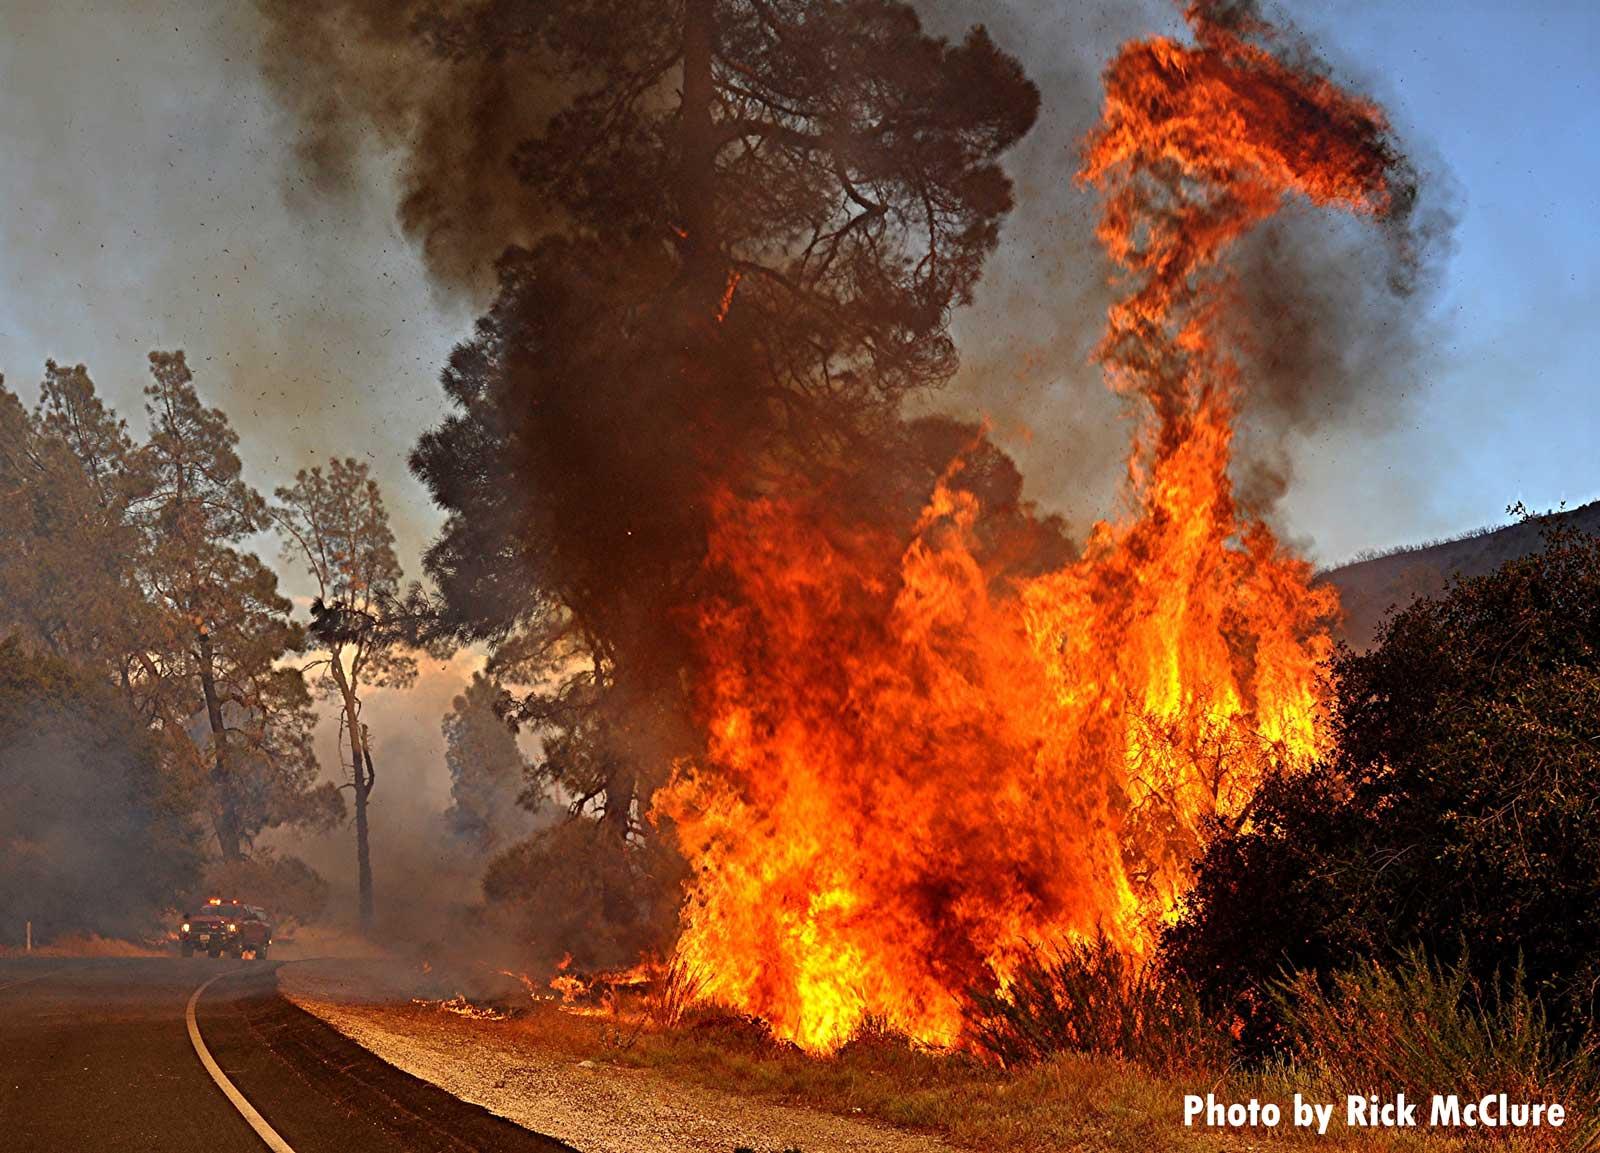 Fire rages near roadside